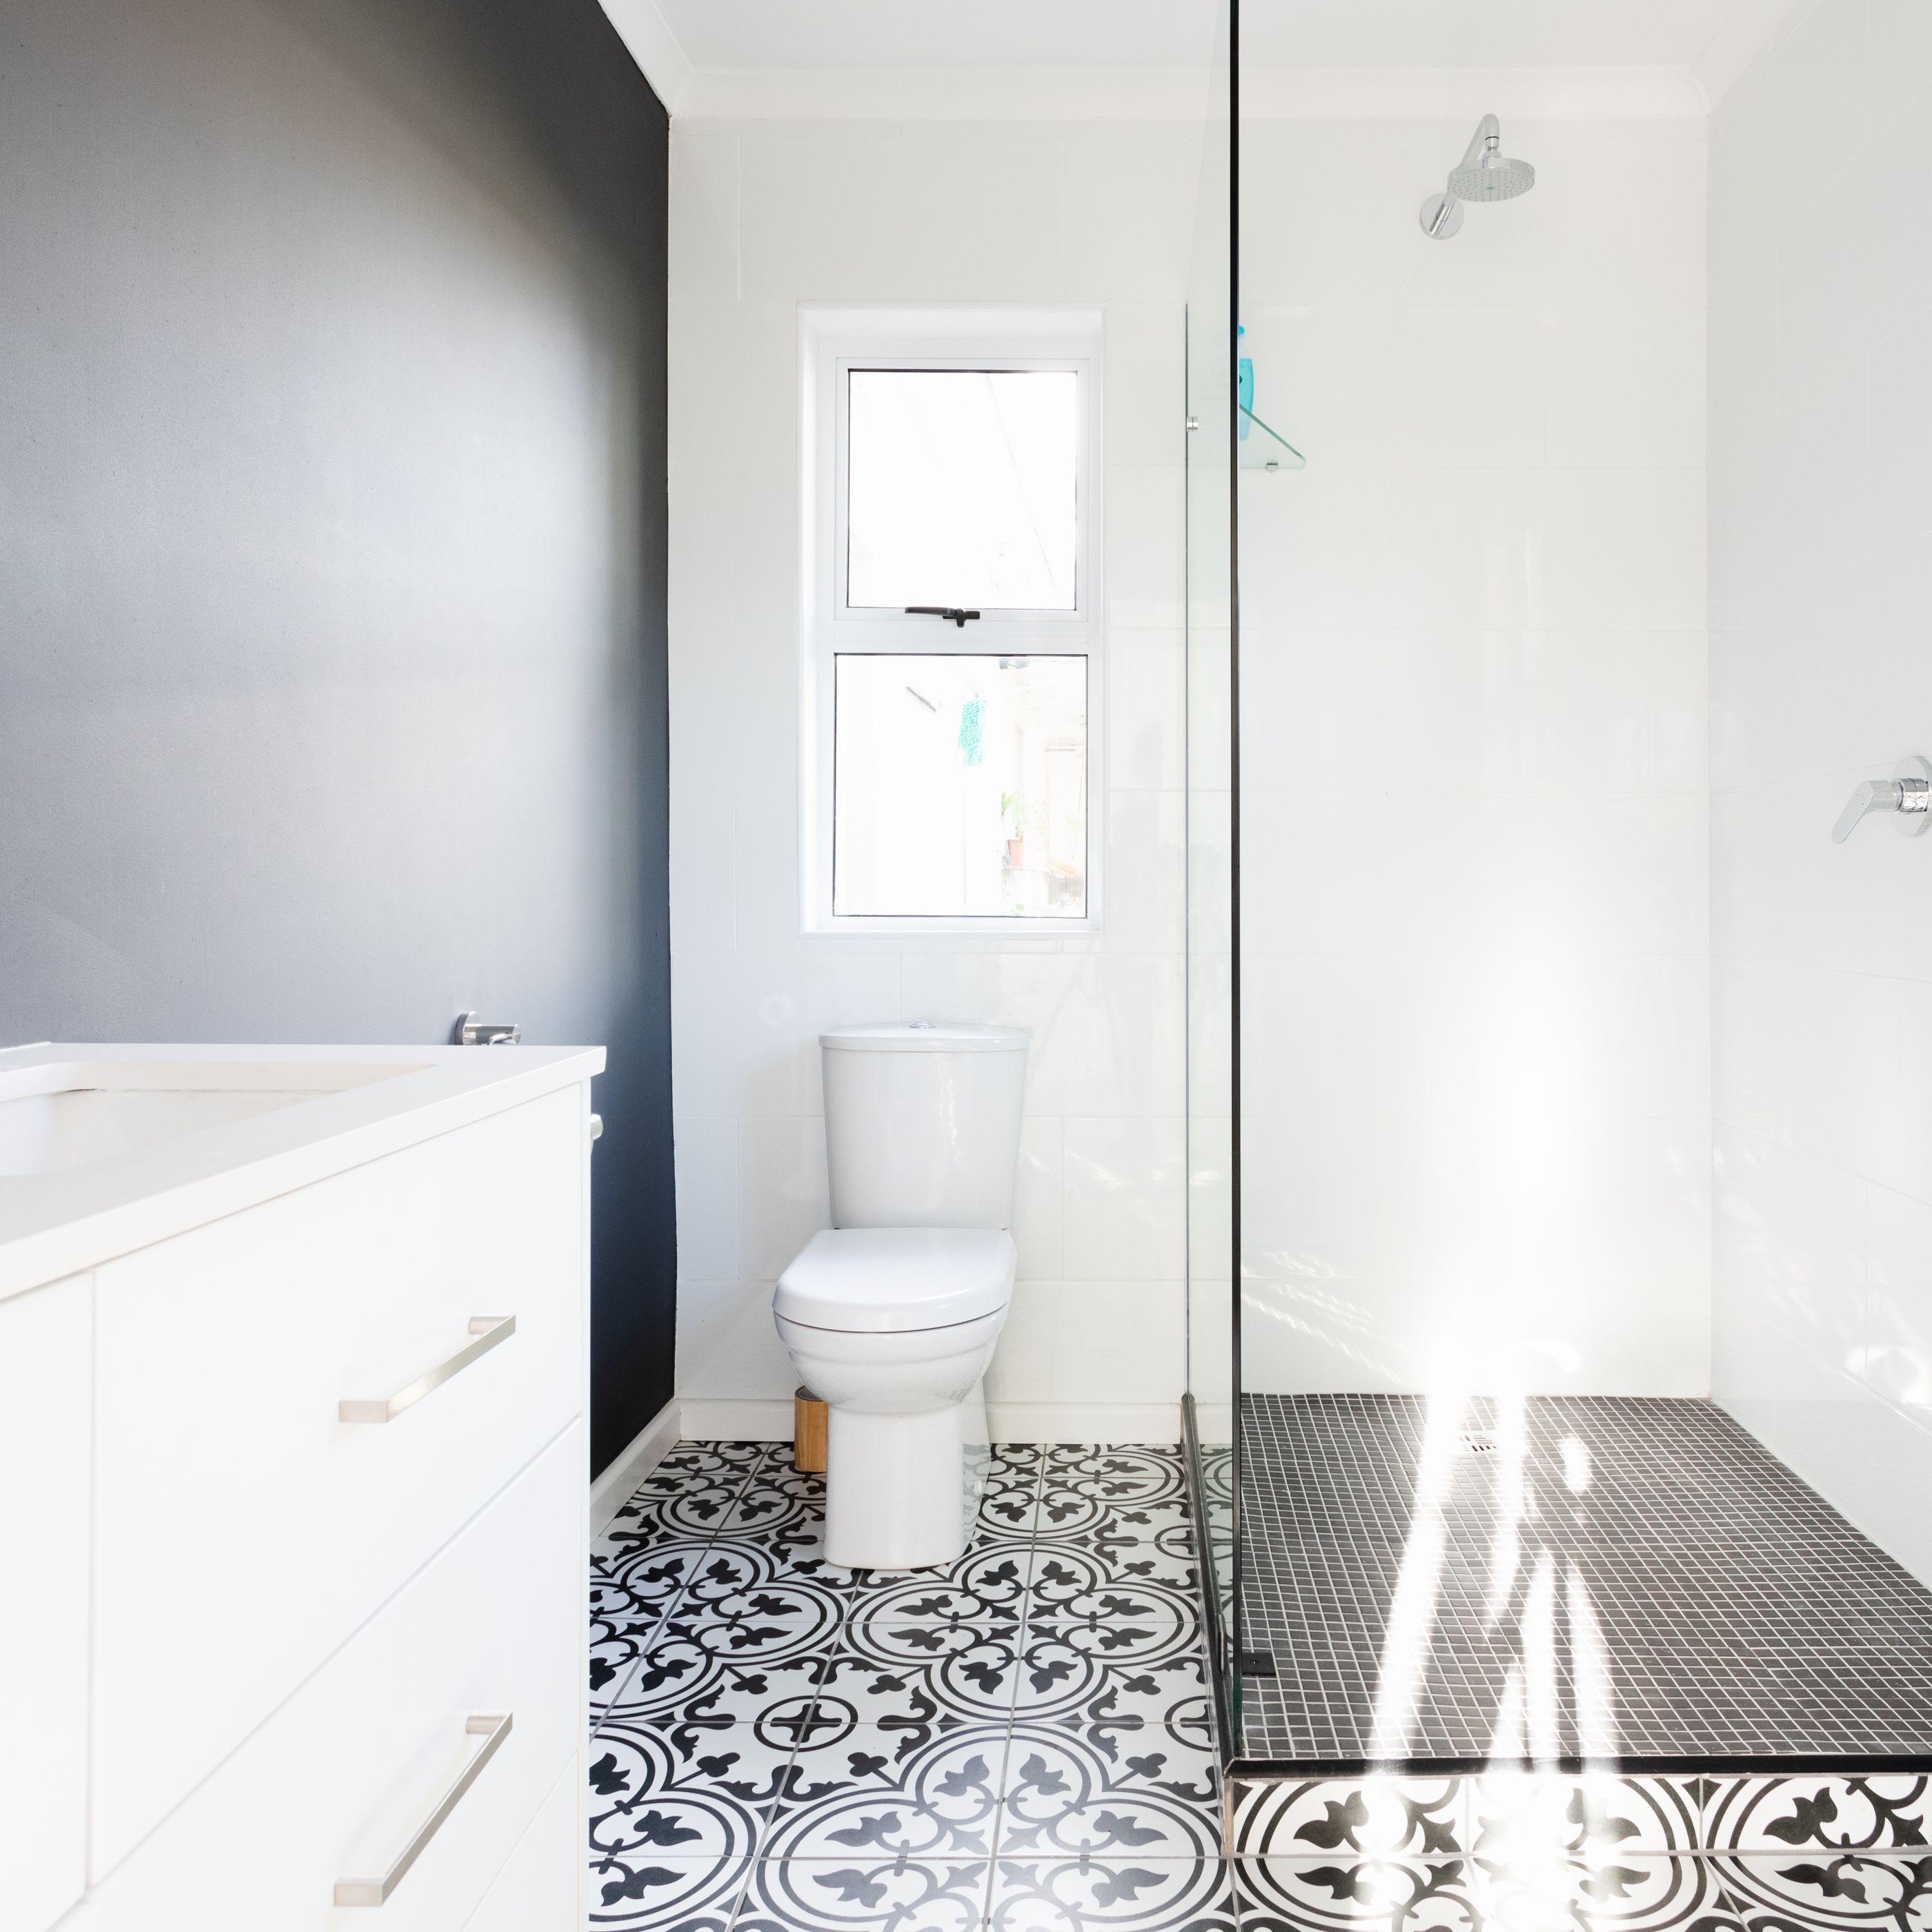 Best Flooring For Bathrooms, Waterproof Bathroom Flooring